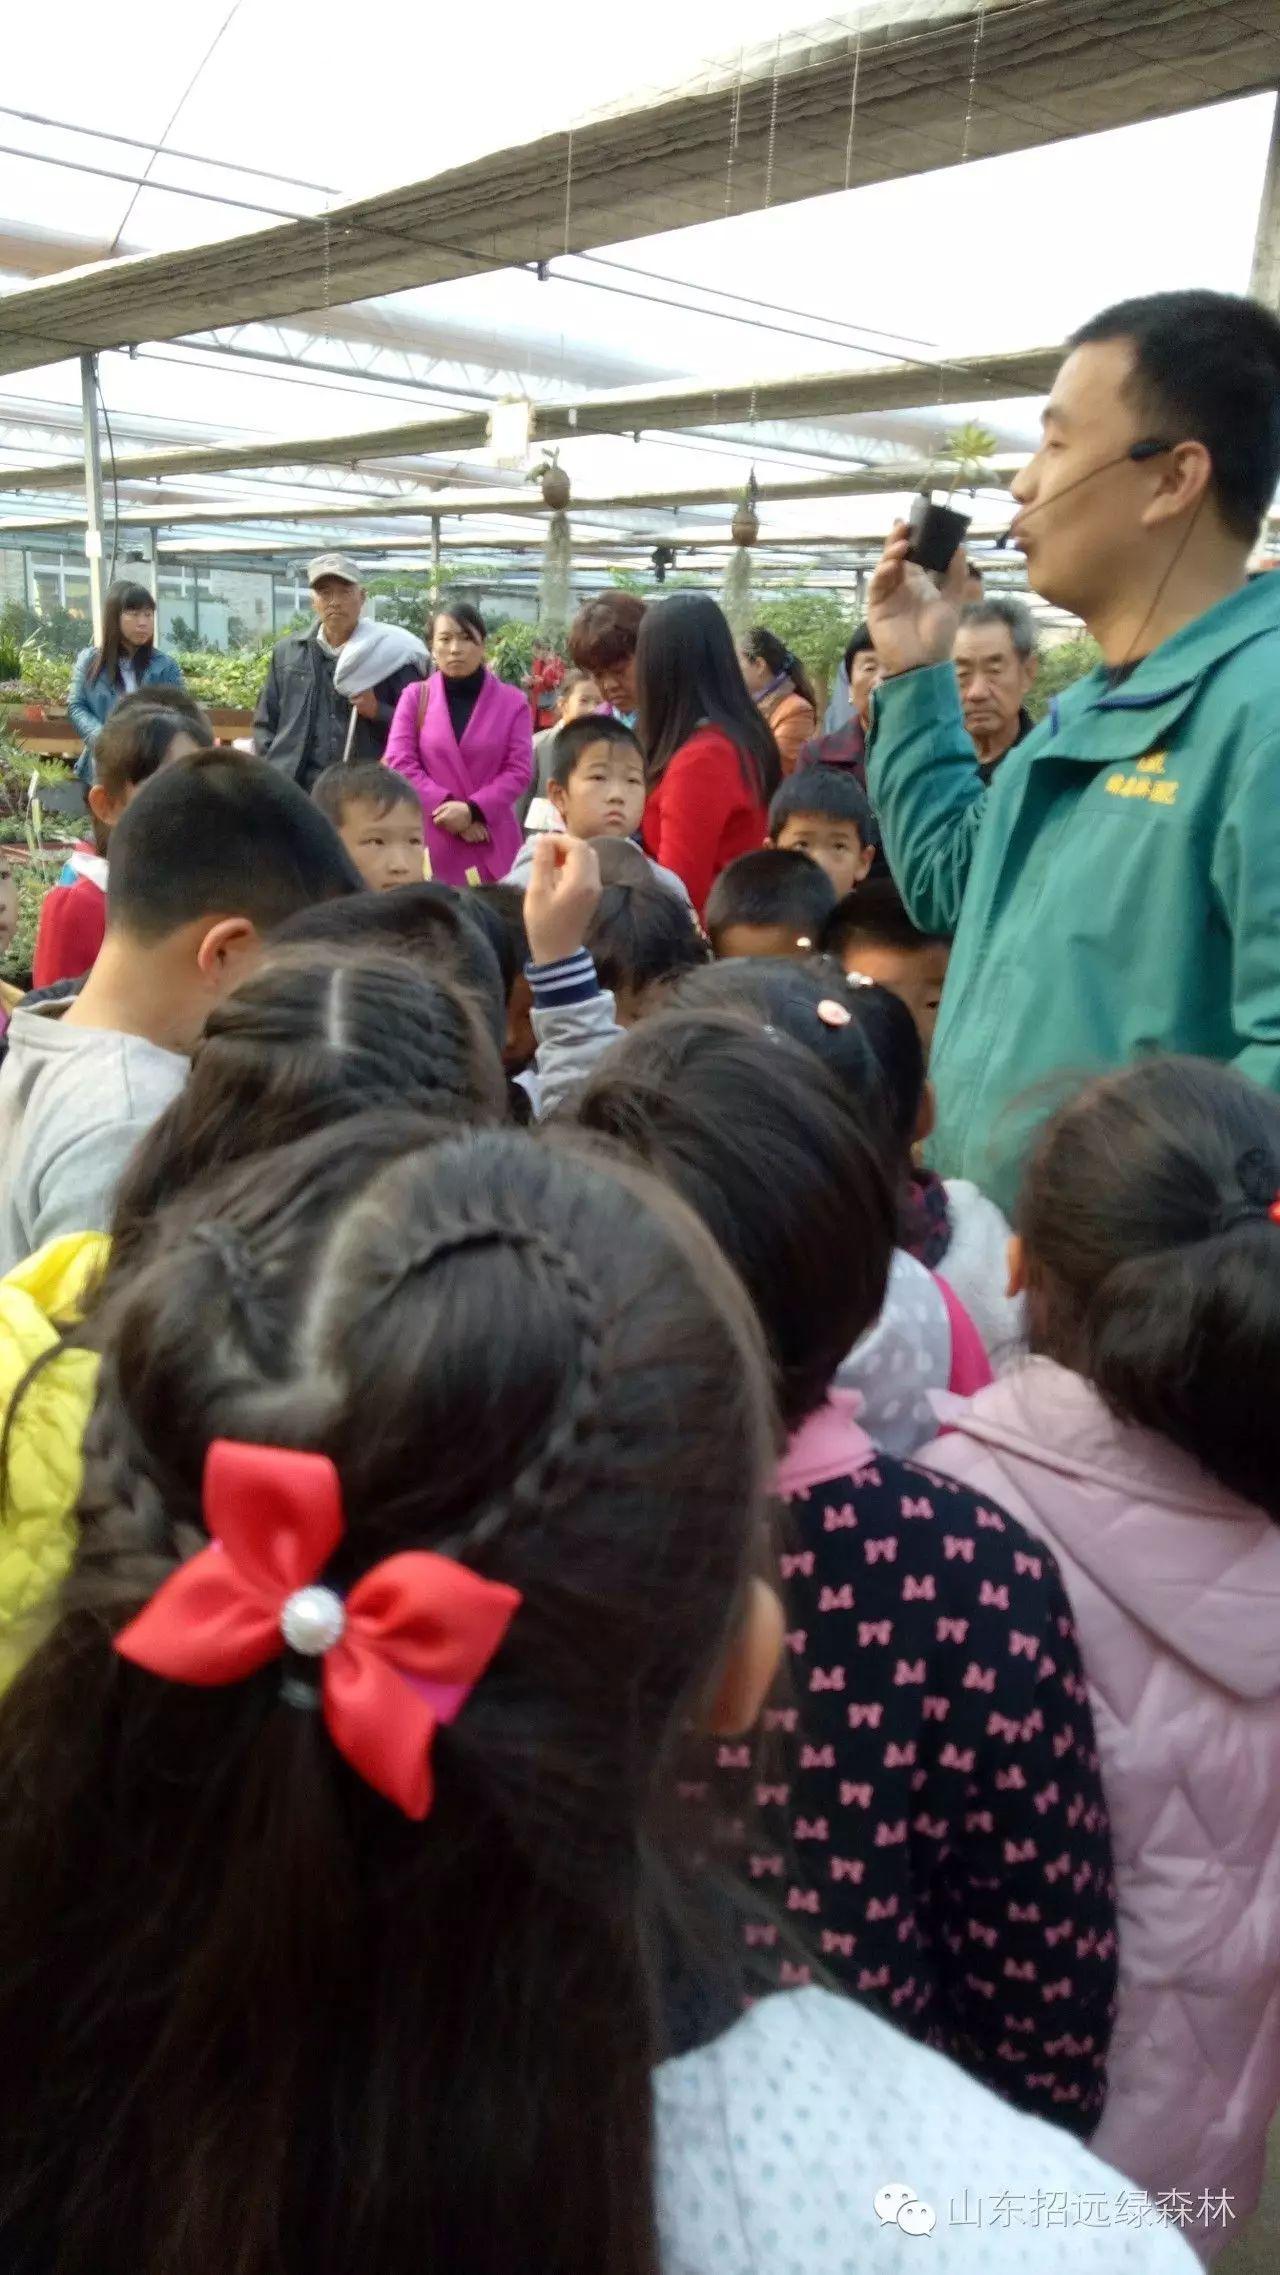 欢迎泉山小学的师生及家长们到绿森林园艺参加种植活动 鼓掌